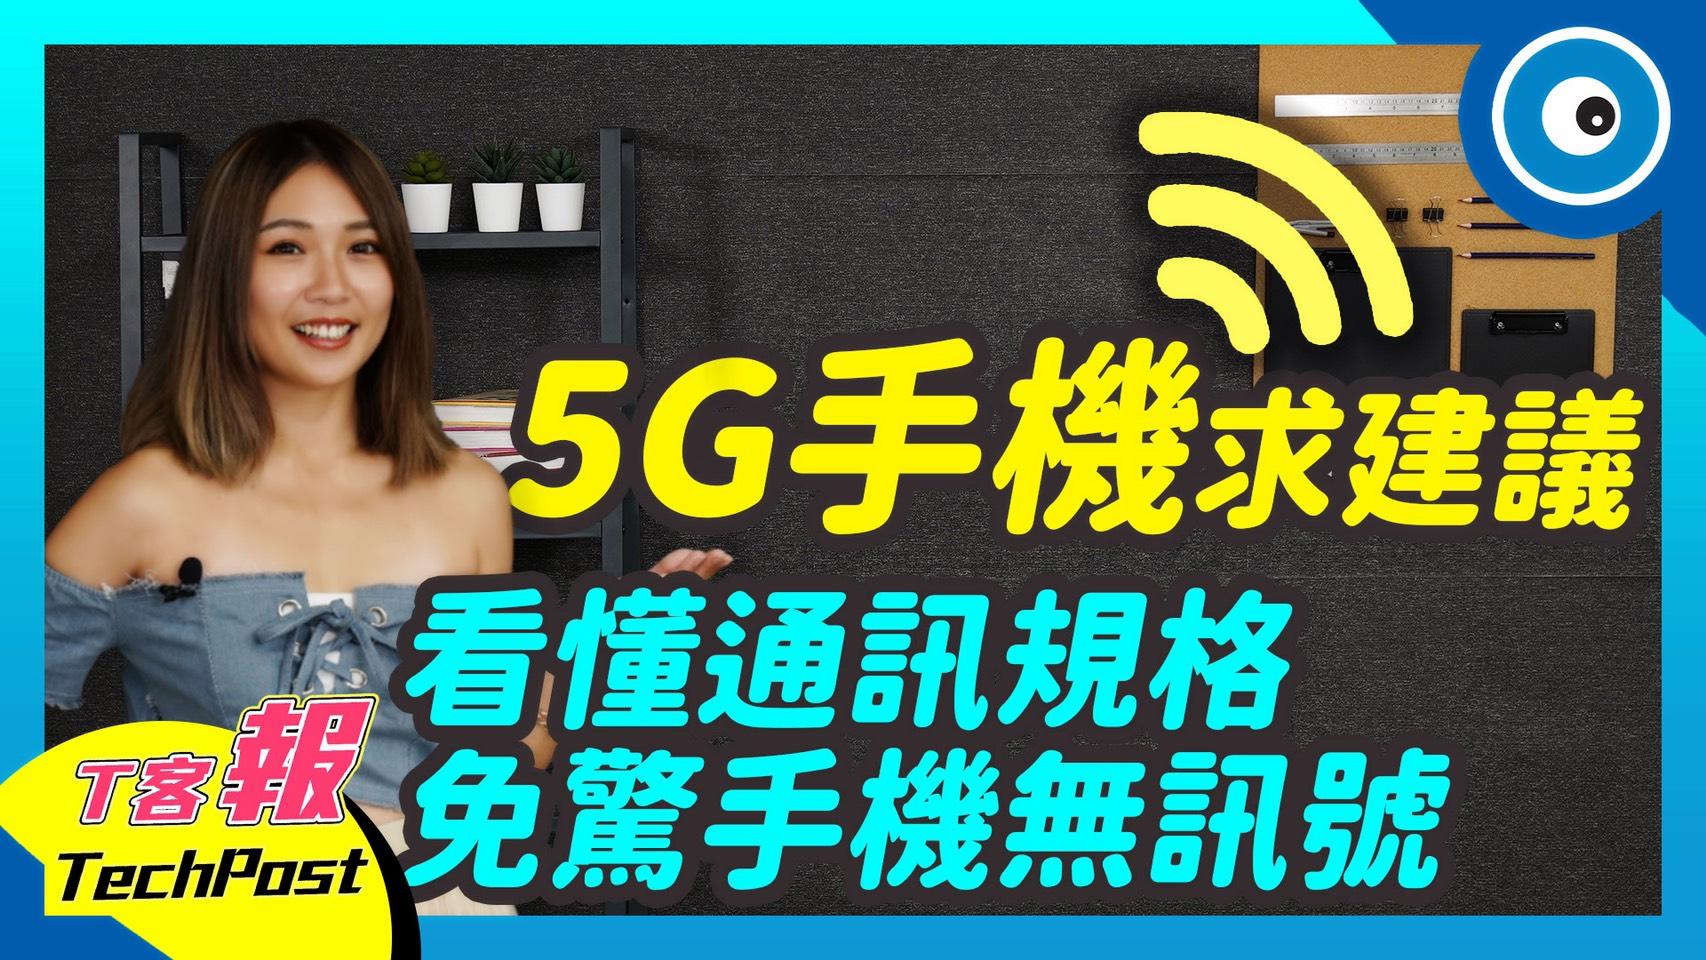 【T客報】5G 手機怎麼挑?教你認識通訊規格與挑選重點,避免買了手機沒網路用